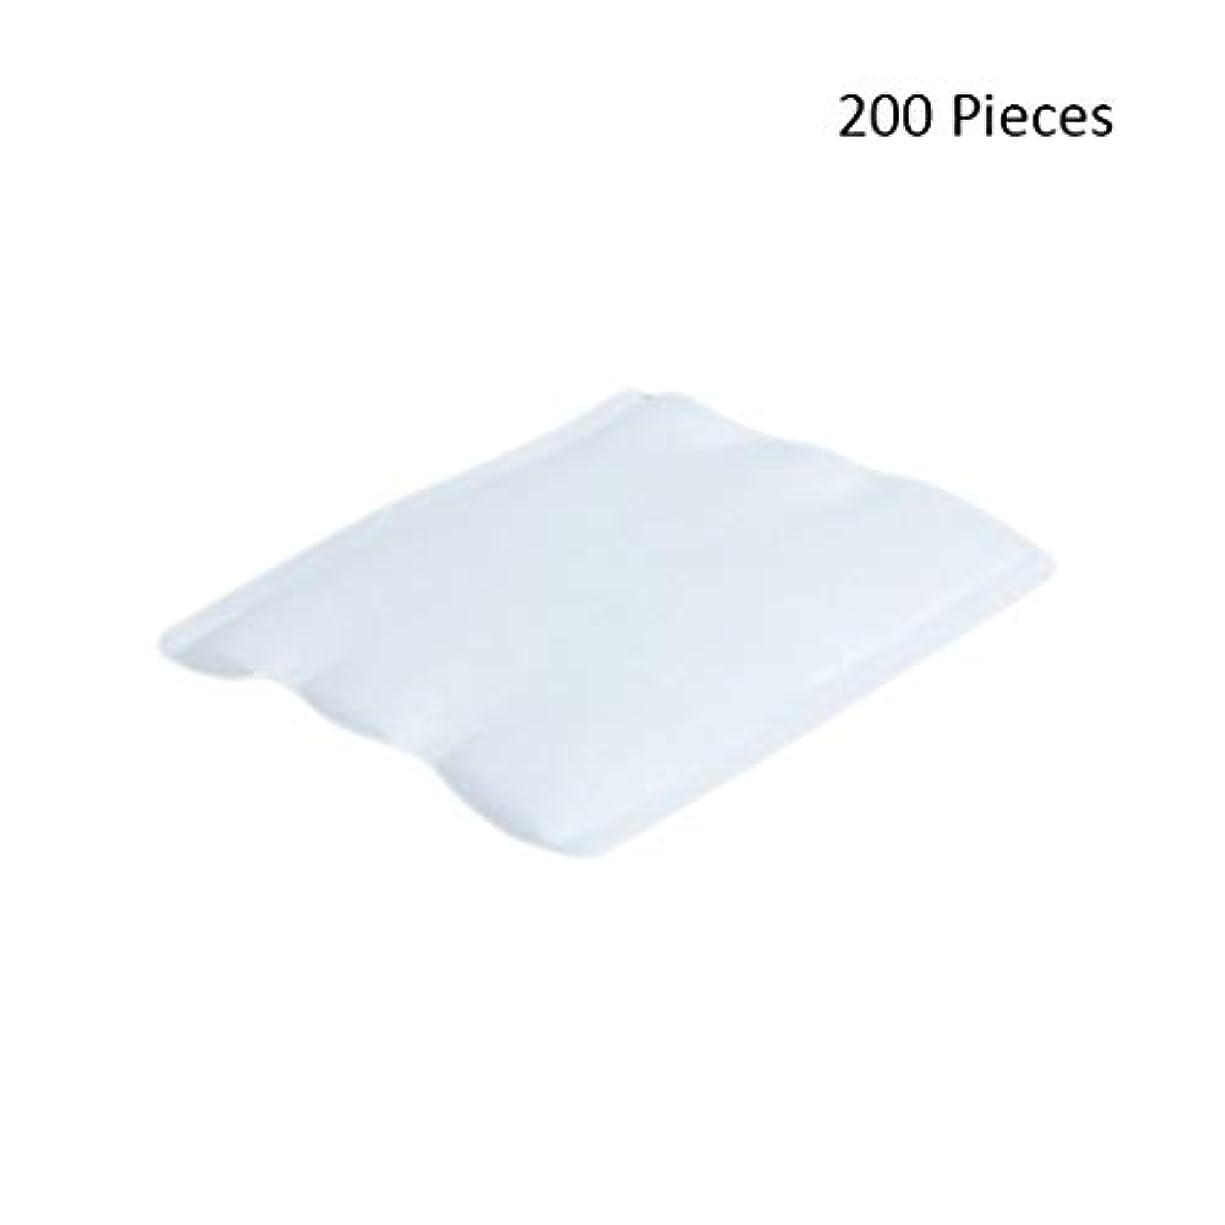 フレームワーク苦い作者化粧パッド 200ピースオーガニックコットンパッドフェイシャルカットクレンジングメイクアップパフ化粧品メイクアップリムーバーワイプスキンフェイスウォッシュコットンパッド メイク落とし化粧パッド (Color : White, サイズ : 6*5cm)